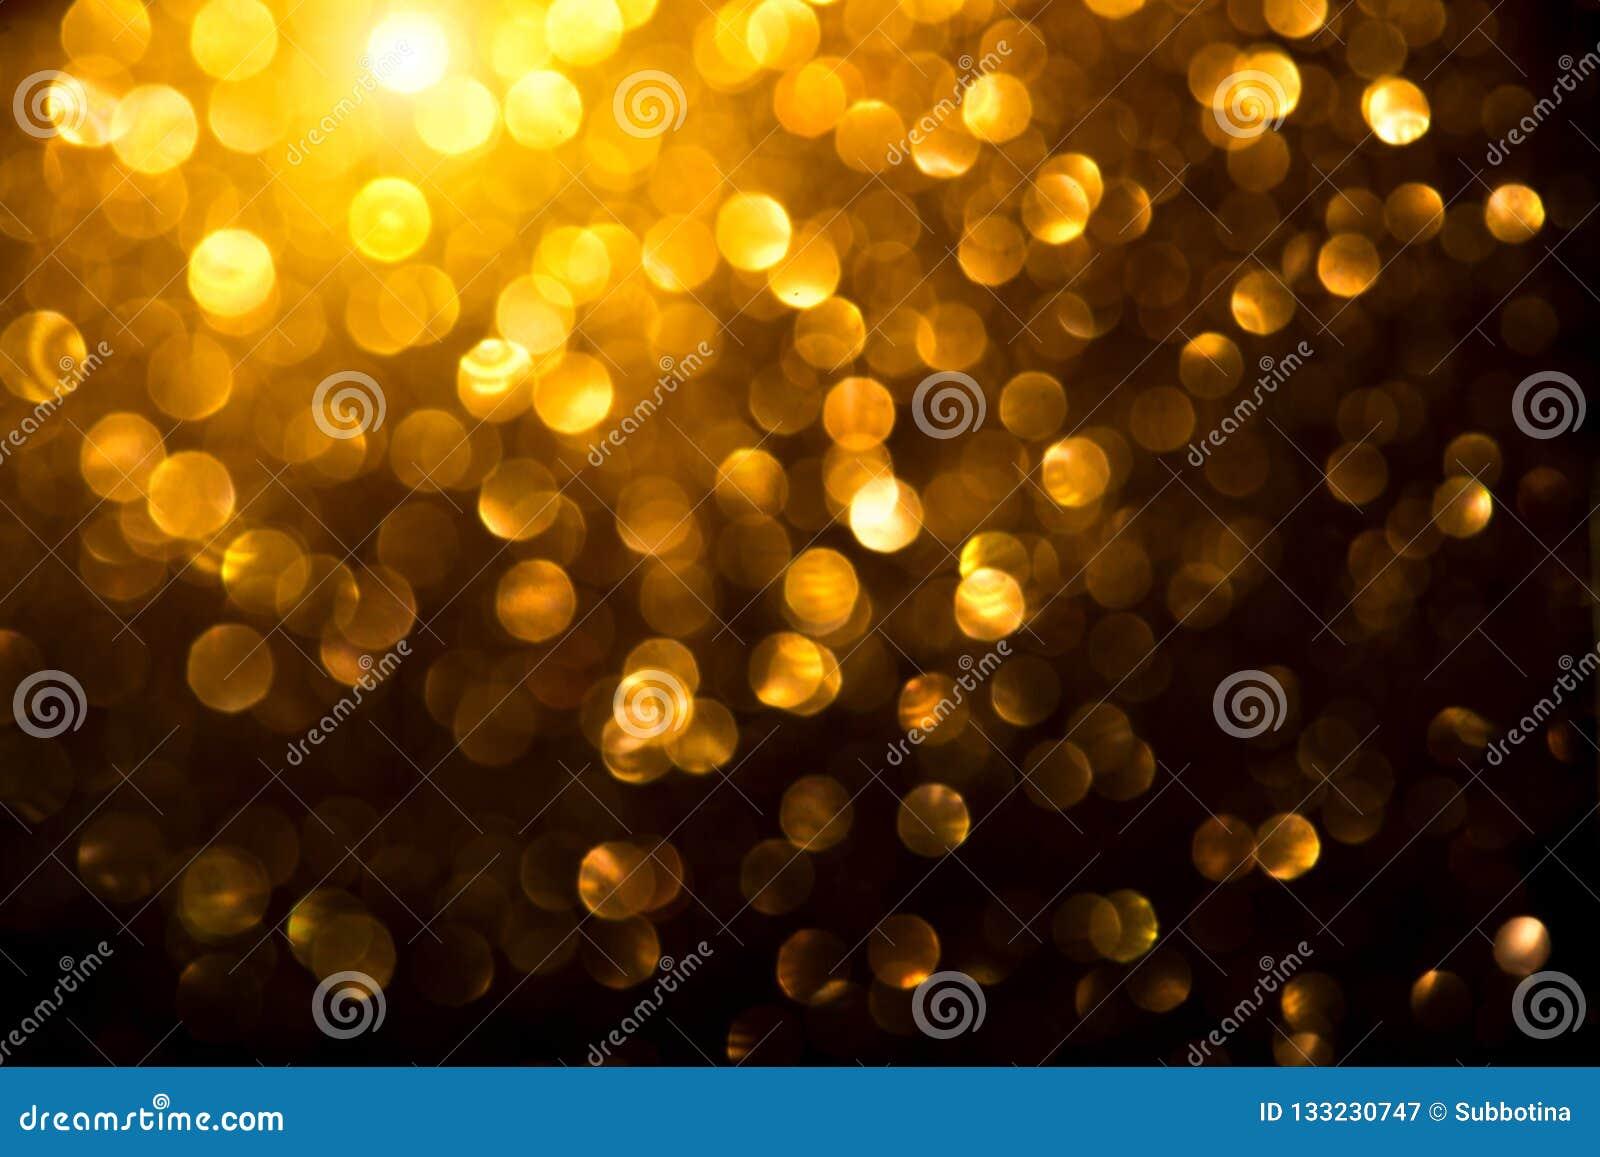 圣诞节金黄发光的背景 假日摘要defocused背景 闪亮金属片在黑色的被弄脏的金bokeh